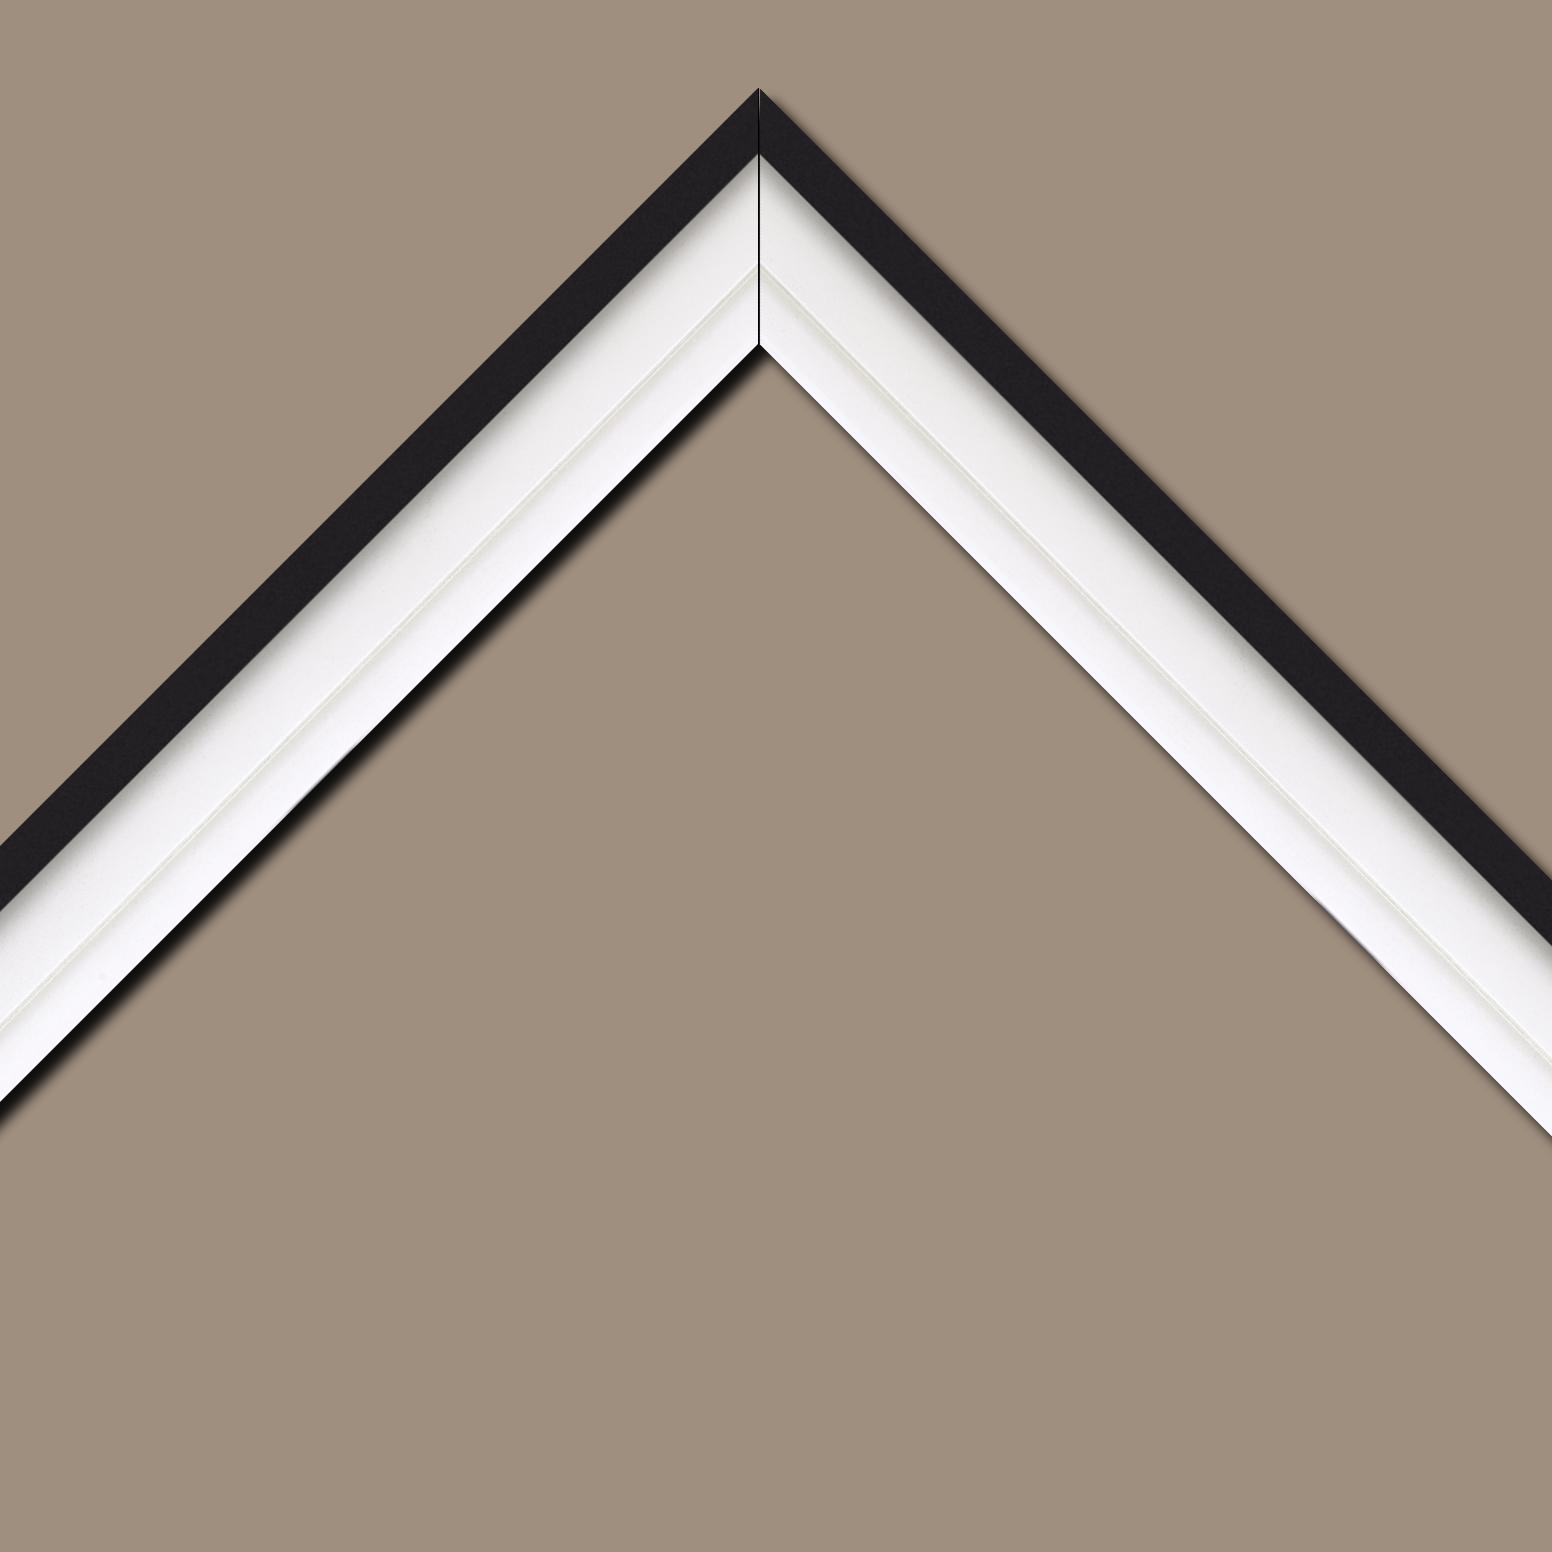 Baguette bois caisse américaine profil escalier largeur 4.4cm blanc mat filet noir (spécialement conçu pour les châssis d'une épaisseur jusqu'à 2.5cm )